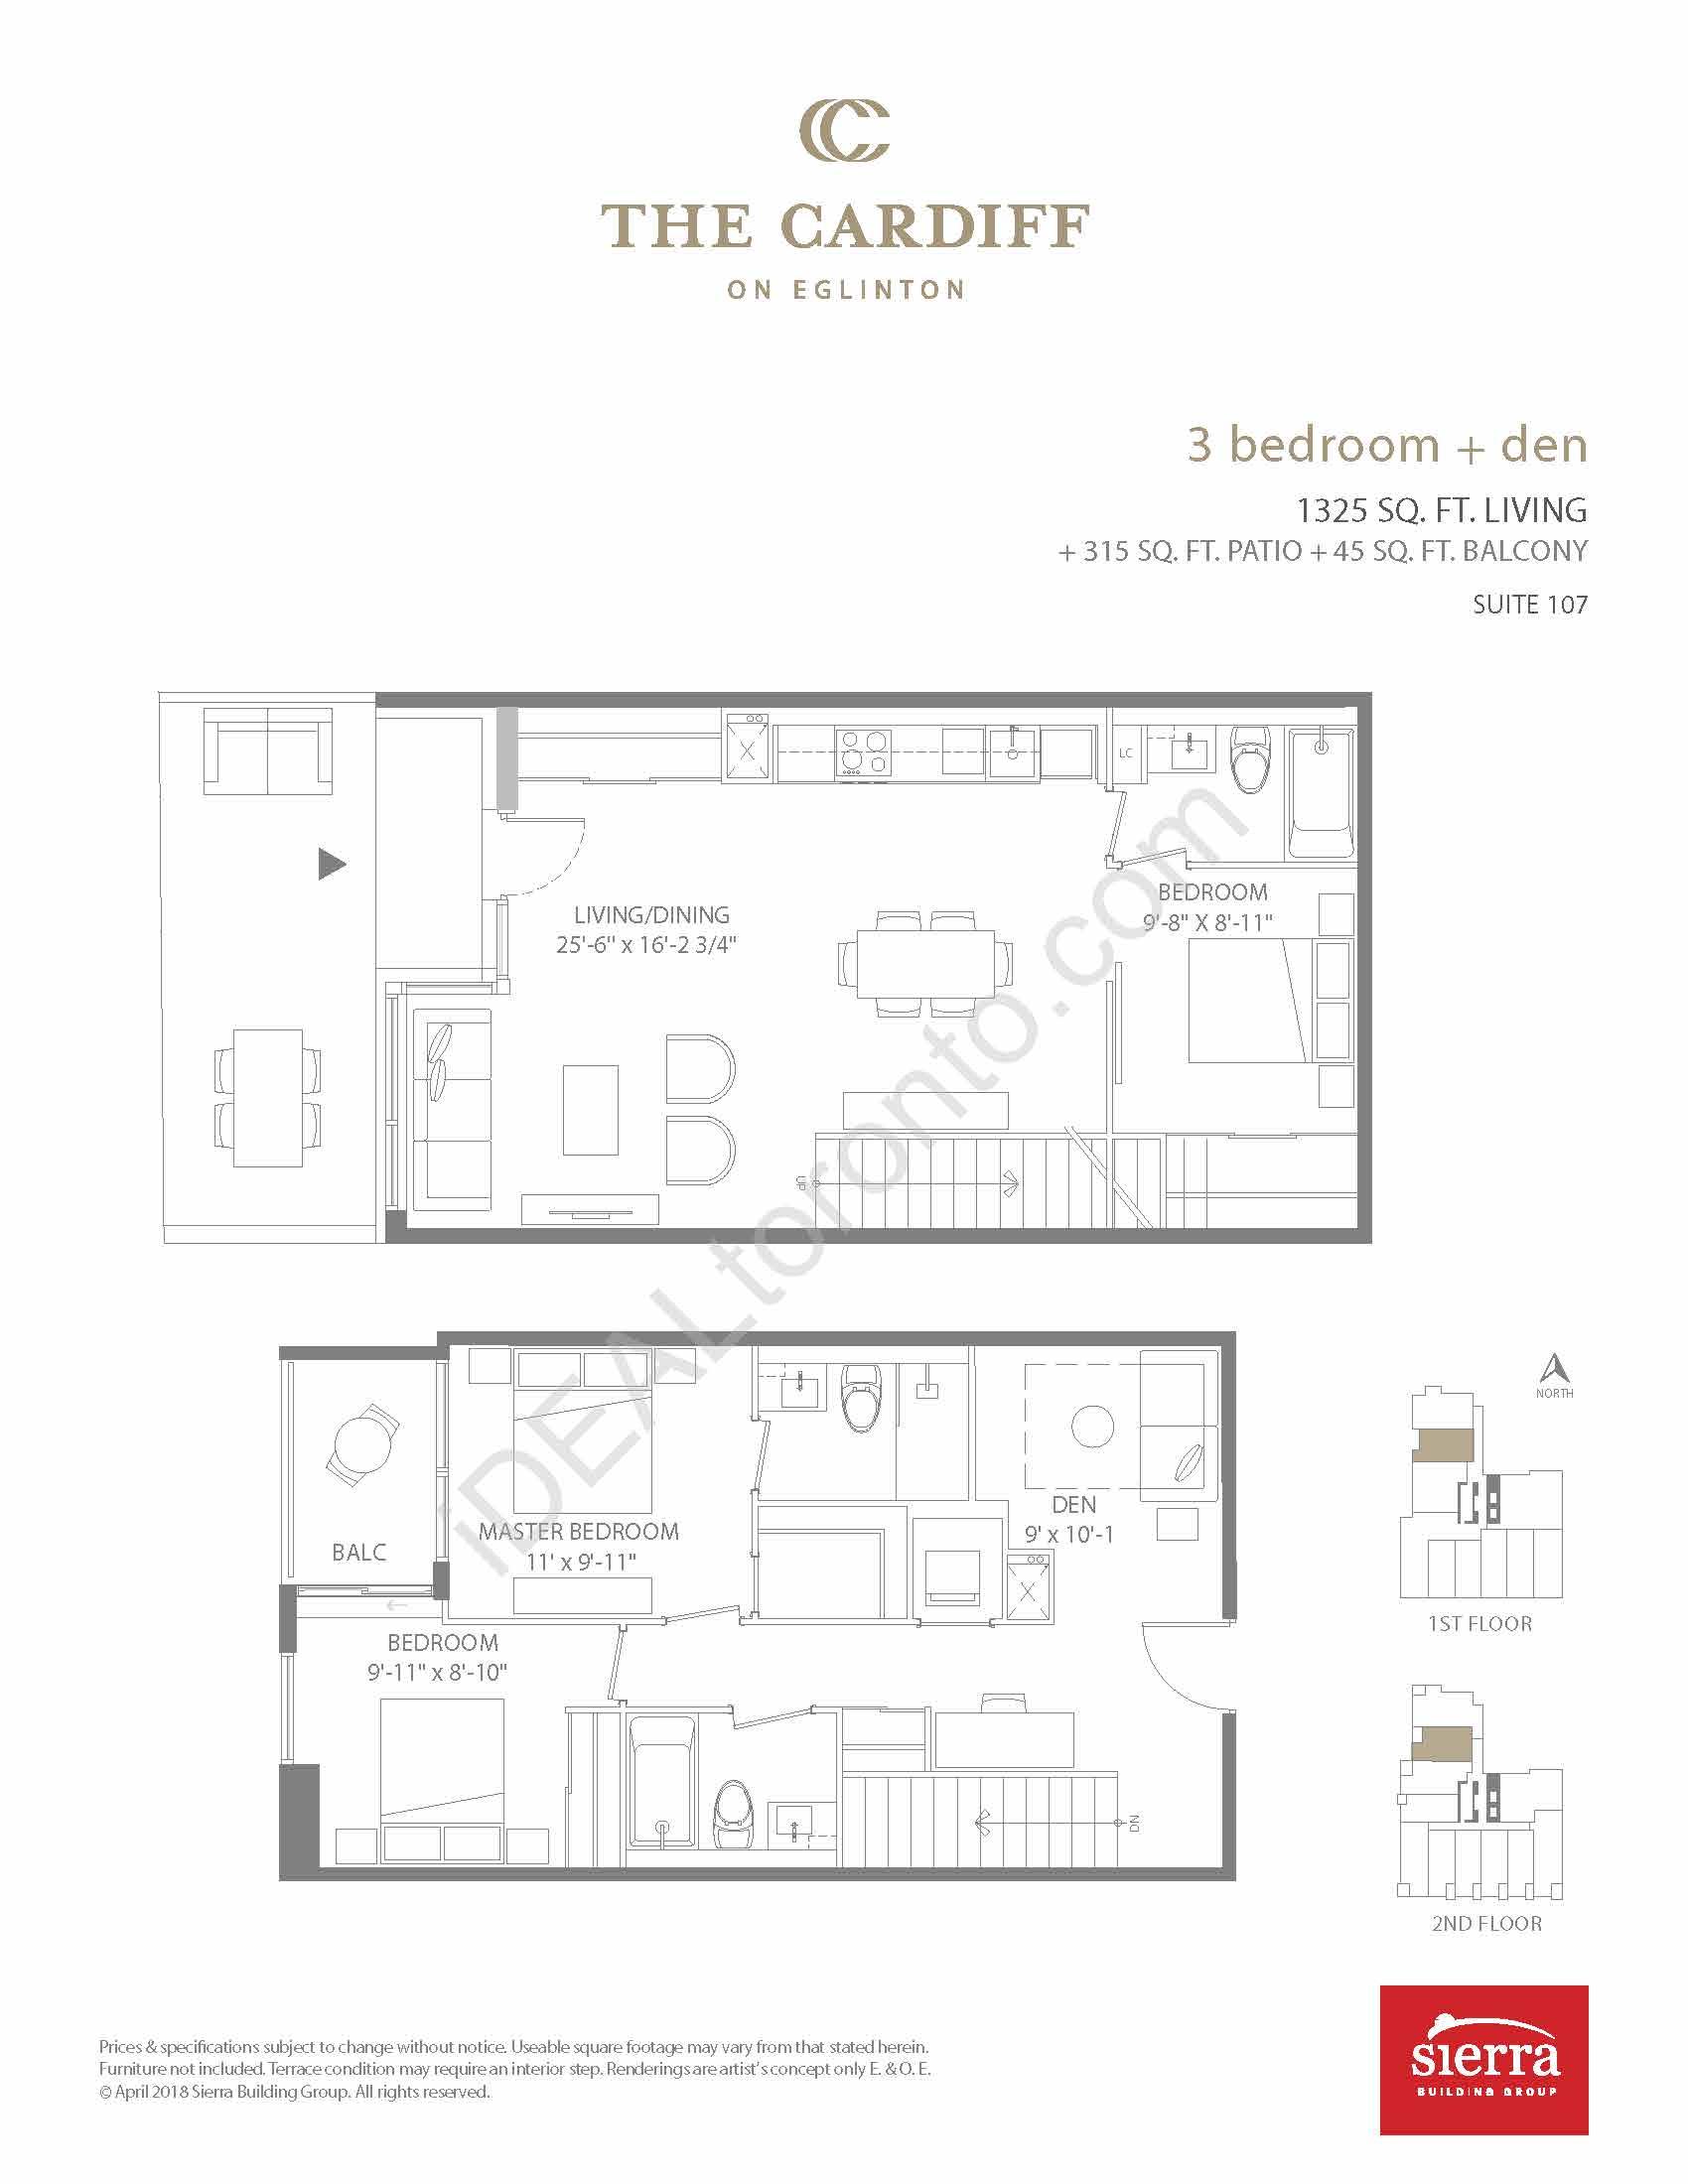 3 Bedroom + Den + Patio + Balcony